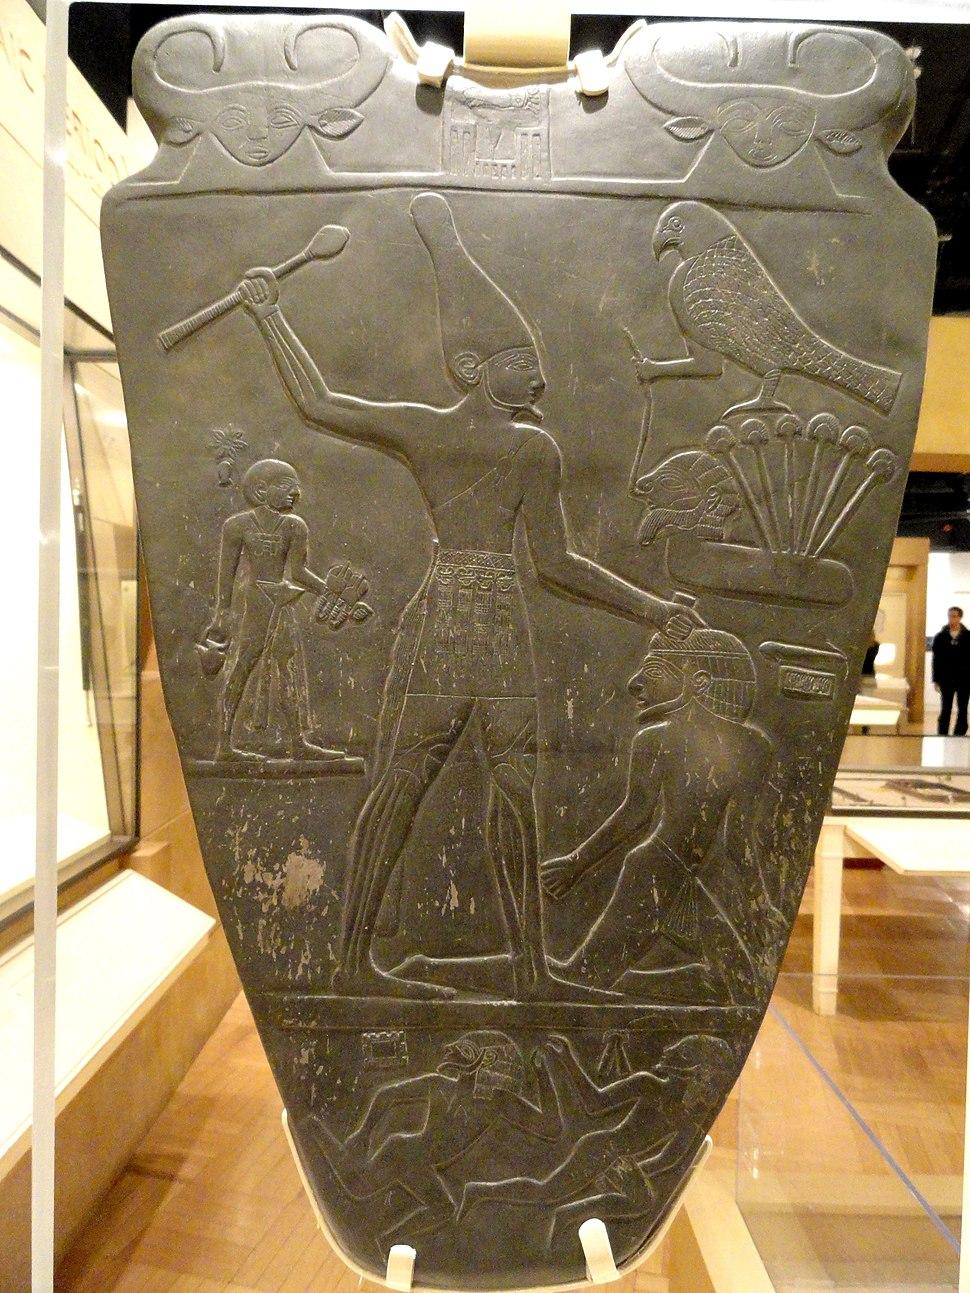 Narmer Palette, Egypt, c. 3100 BC - Royal Ontario Museum - DSC09726